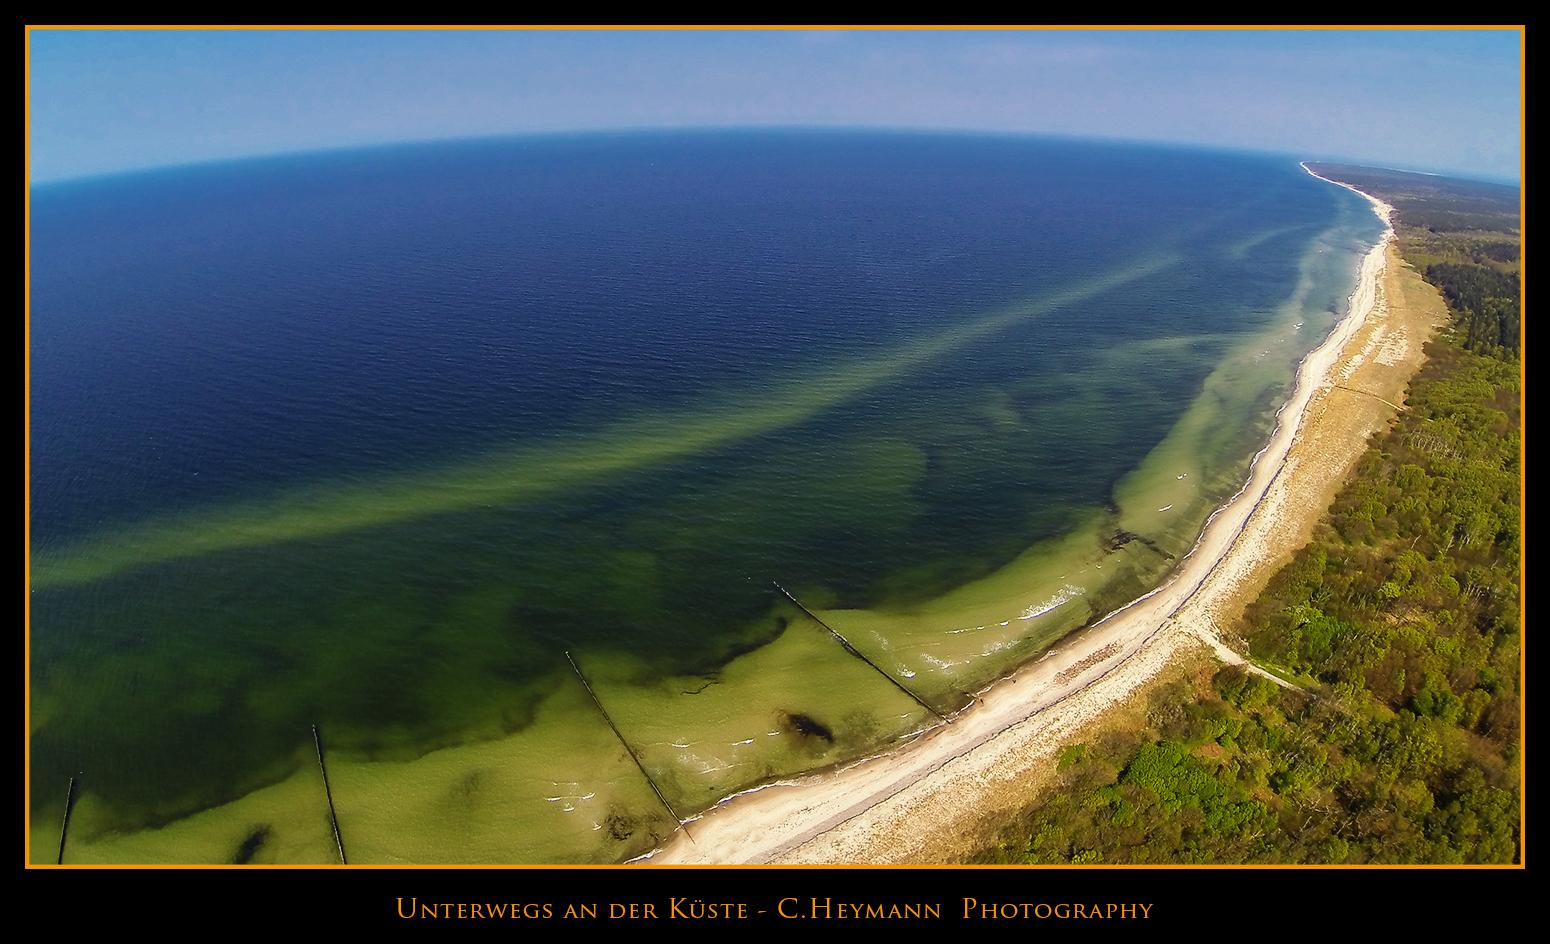 Unterwegs an der Küste 06